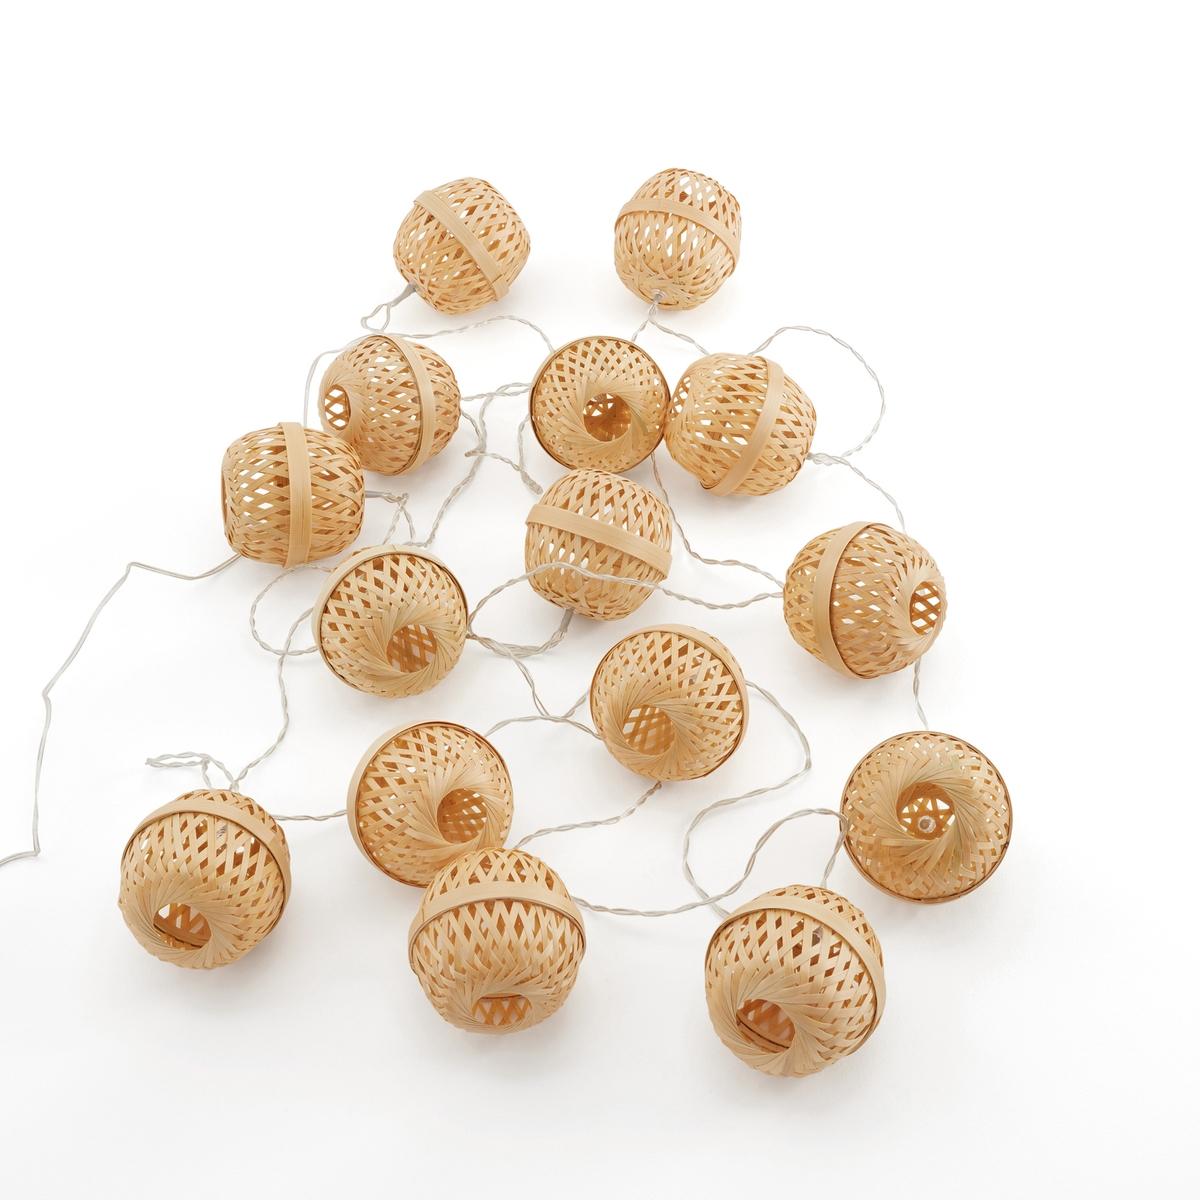 Гирлянда светодиодная из бамбука Zibiline